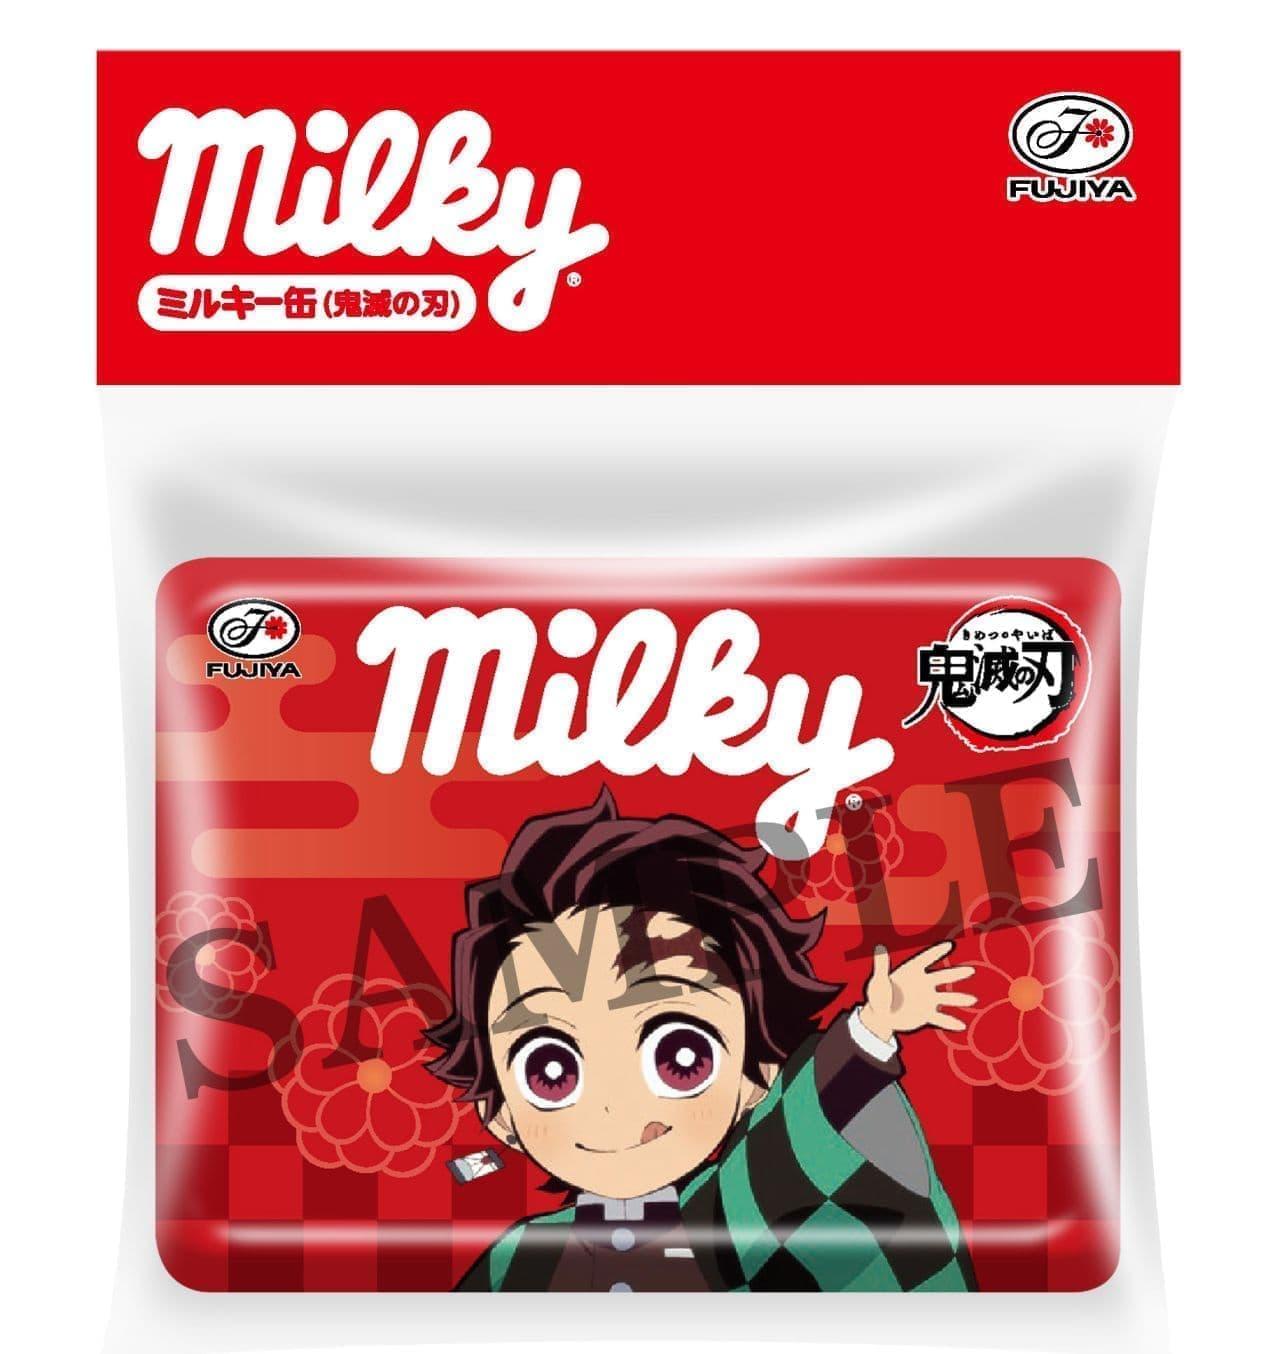 ミルキー缶(鬼滅の刃)